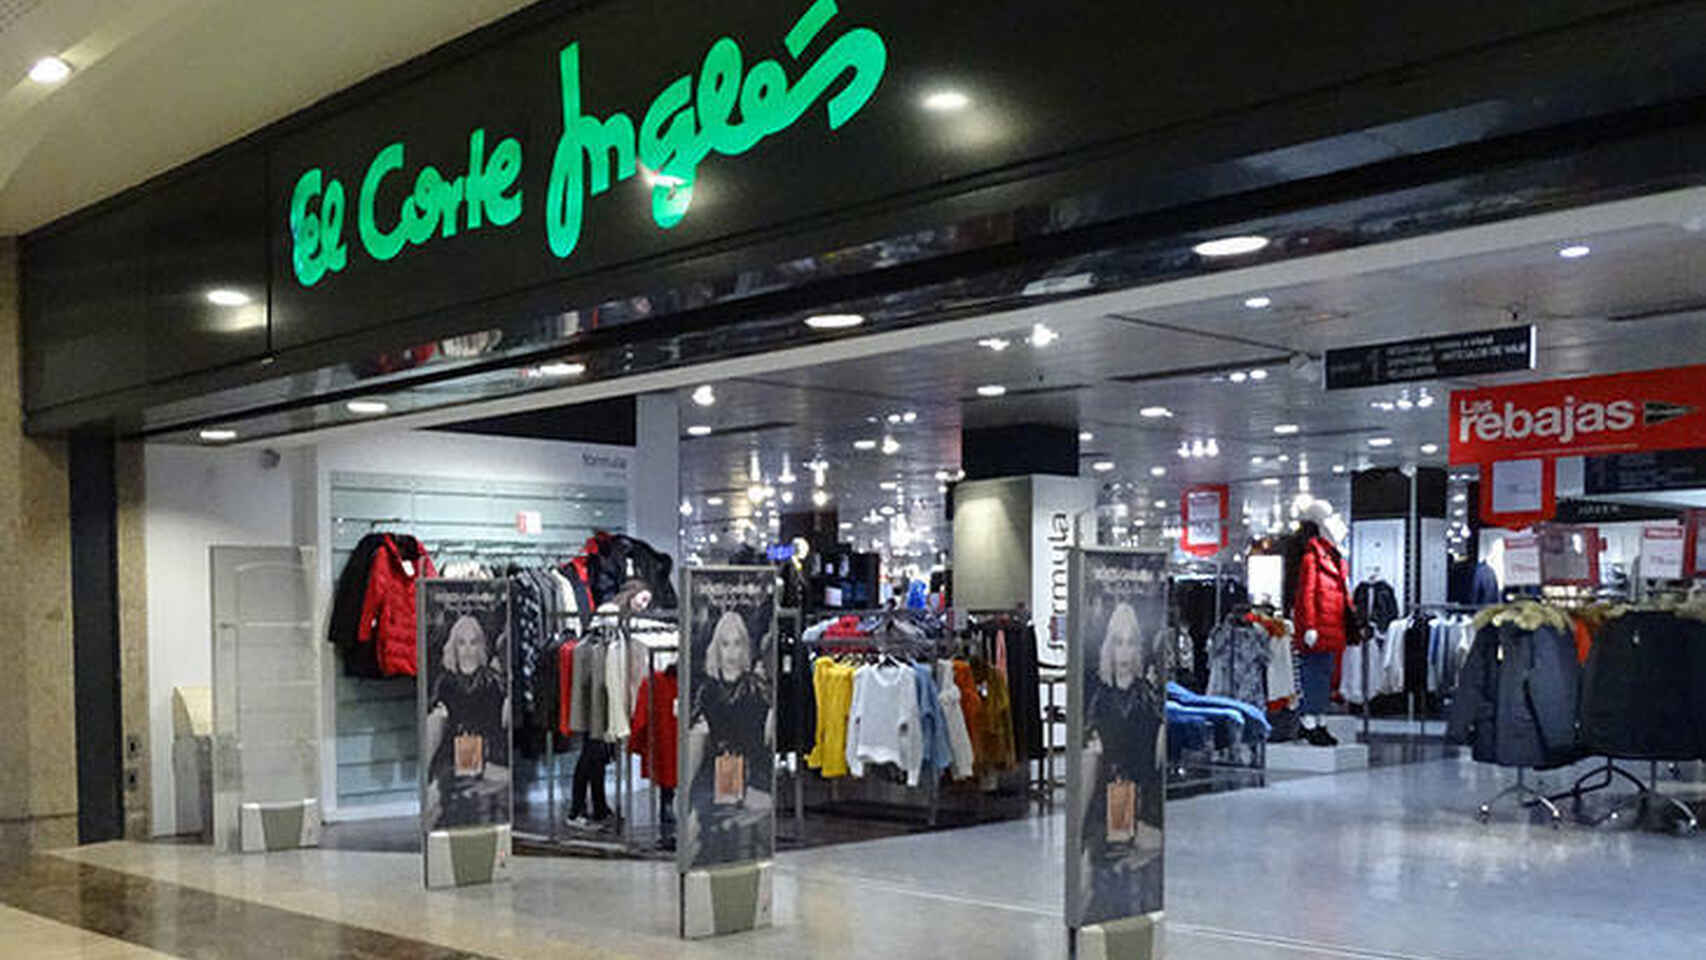 El Corte Inglés: vestidos, blusas y otras prendas de Pepe Jeans al 50%